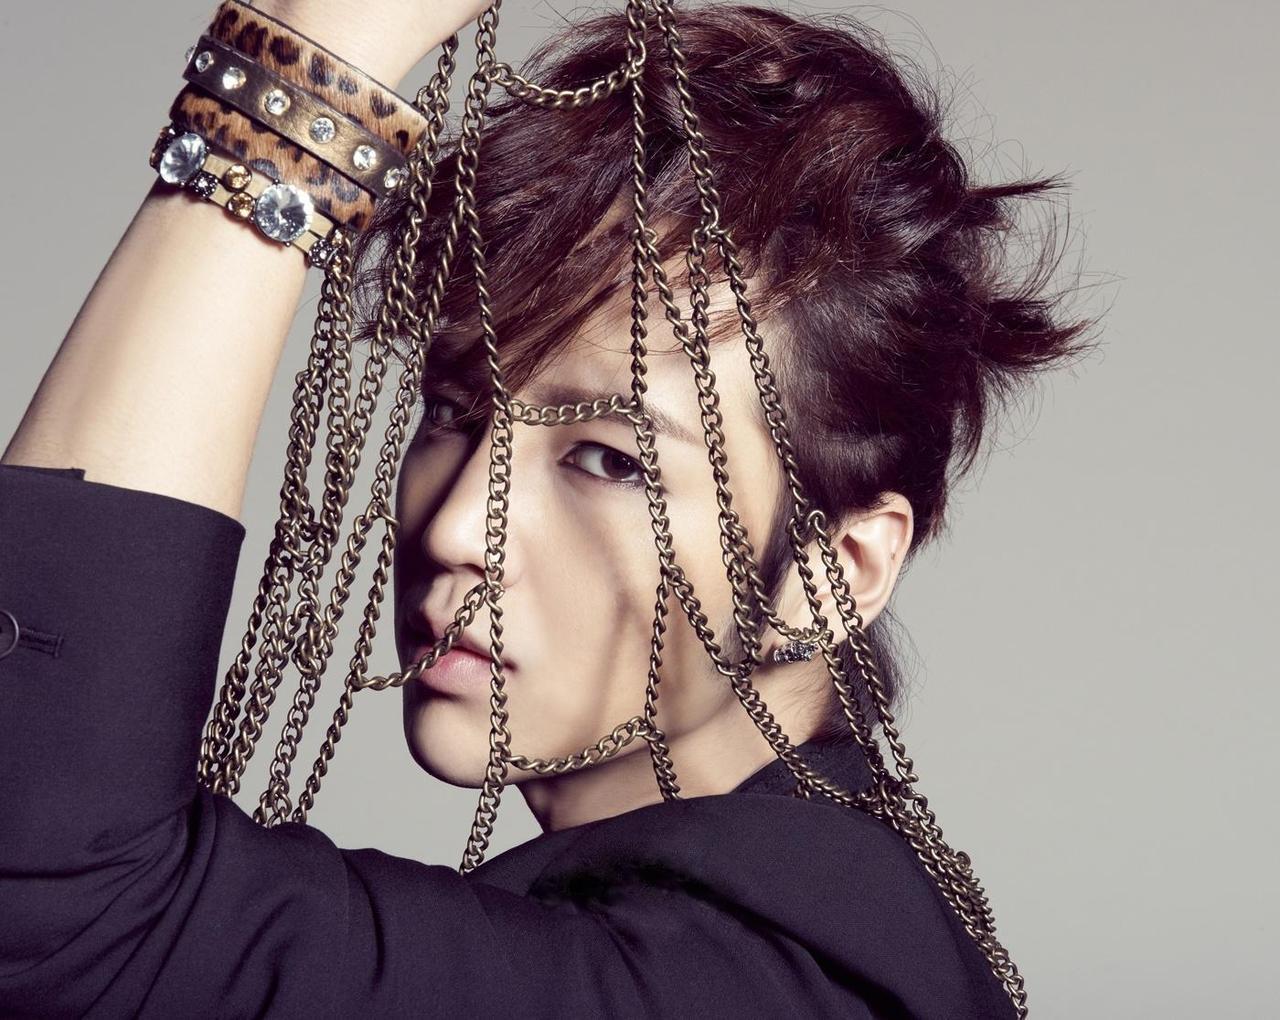 Production Cost of Jang Geun Suk's Upcoming Tour Made Public